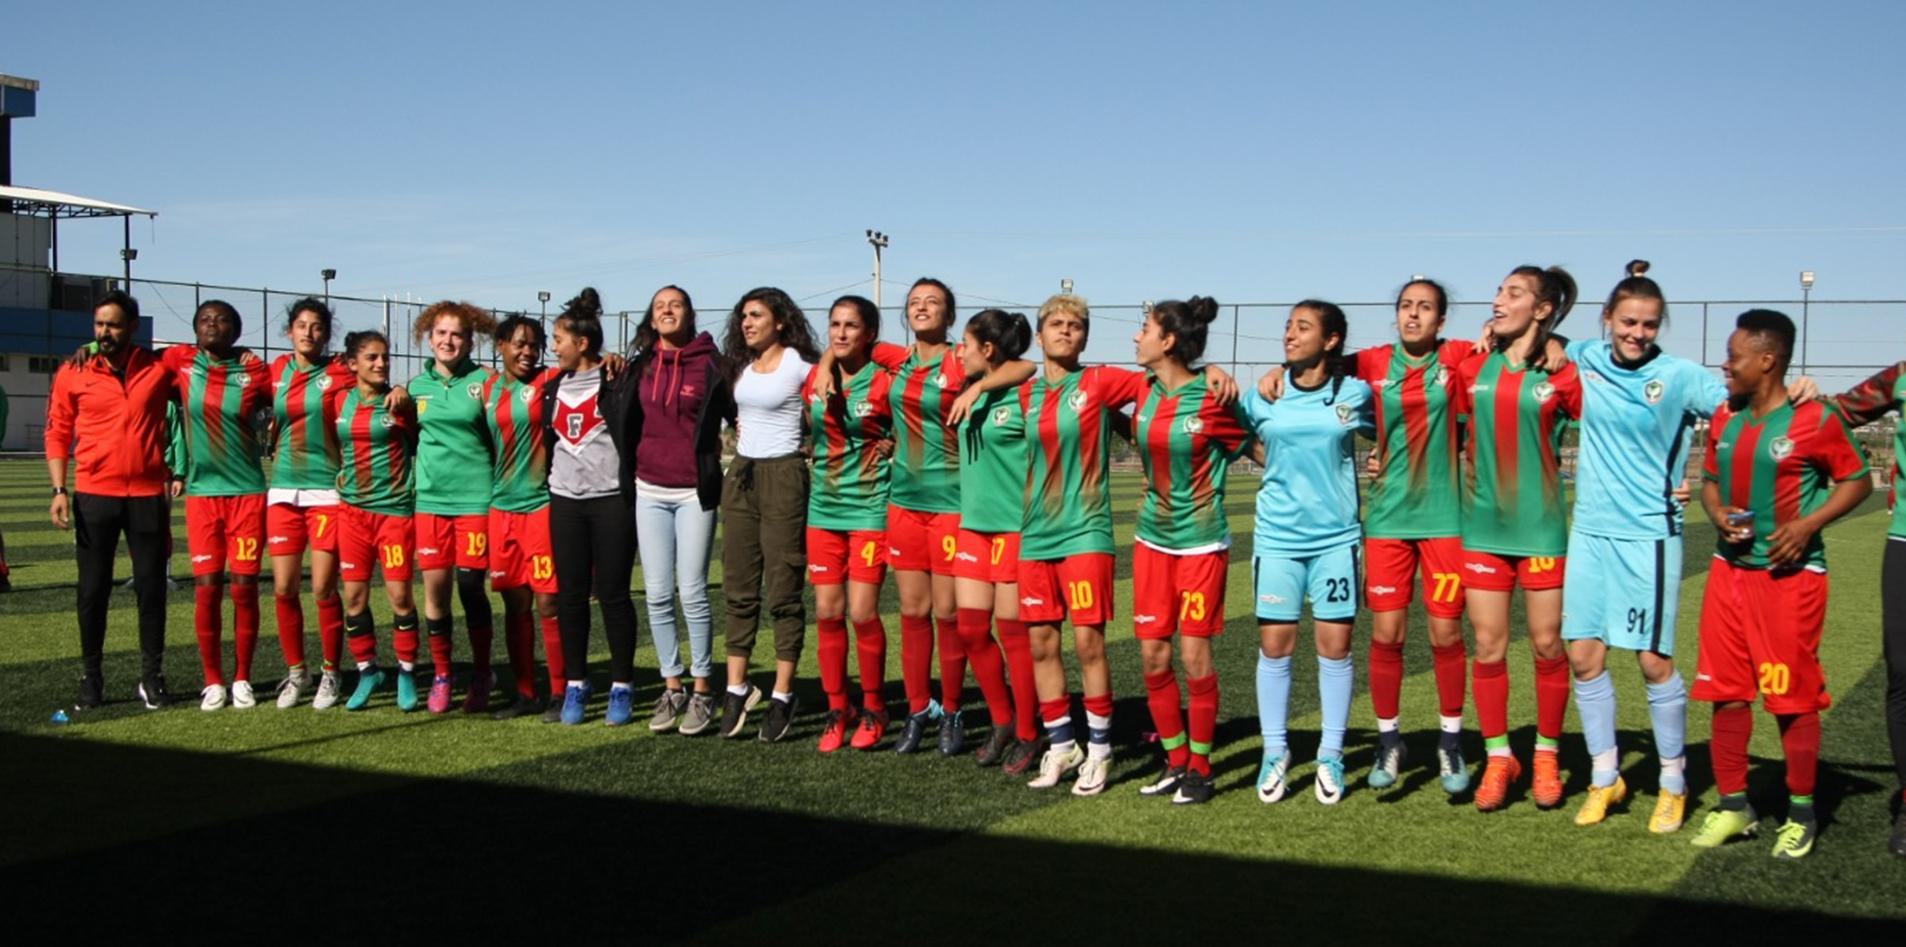 Amedspor'daki değişim kadınlara da yansıdı!